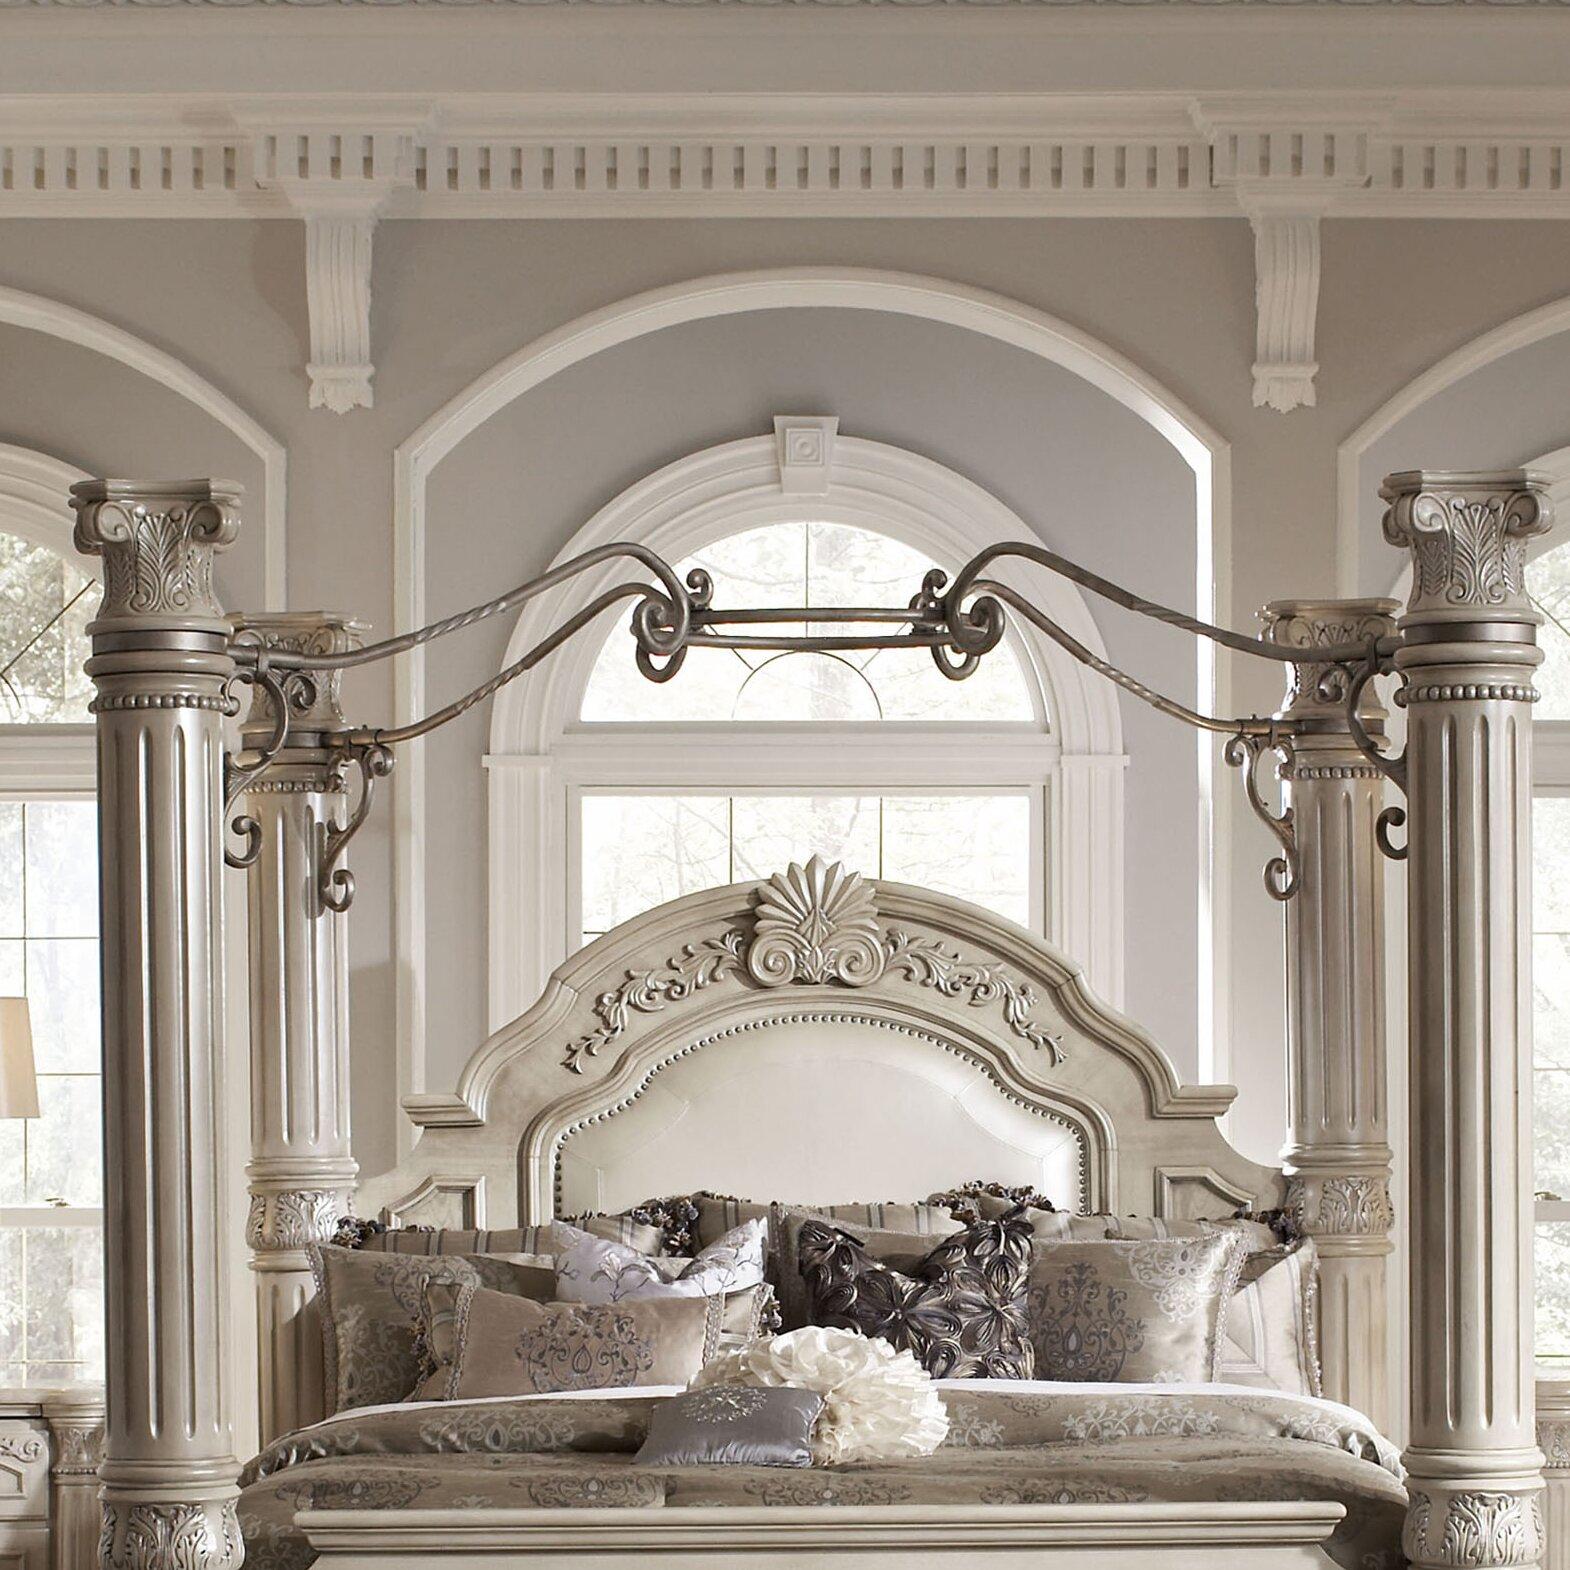 Aico Monte Carlo Bedroom Best Bedroom Ideas - Aico torino bedroom set